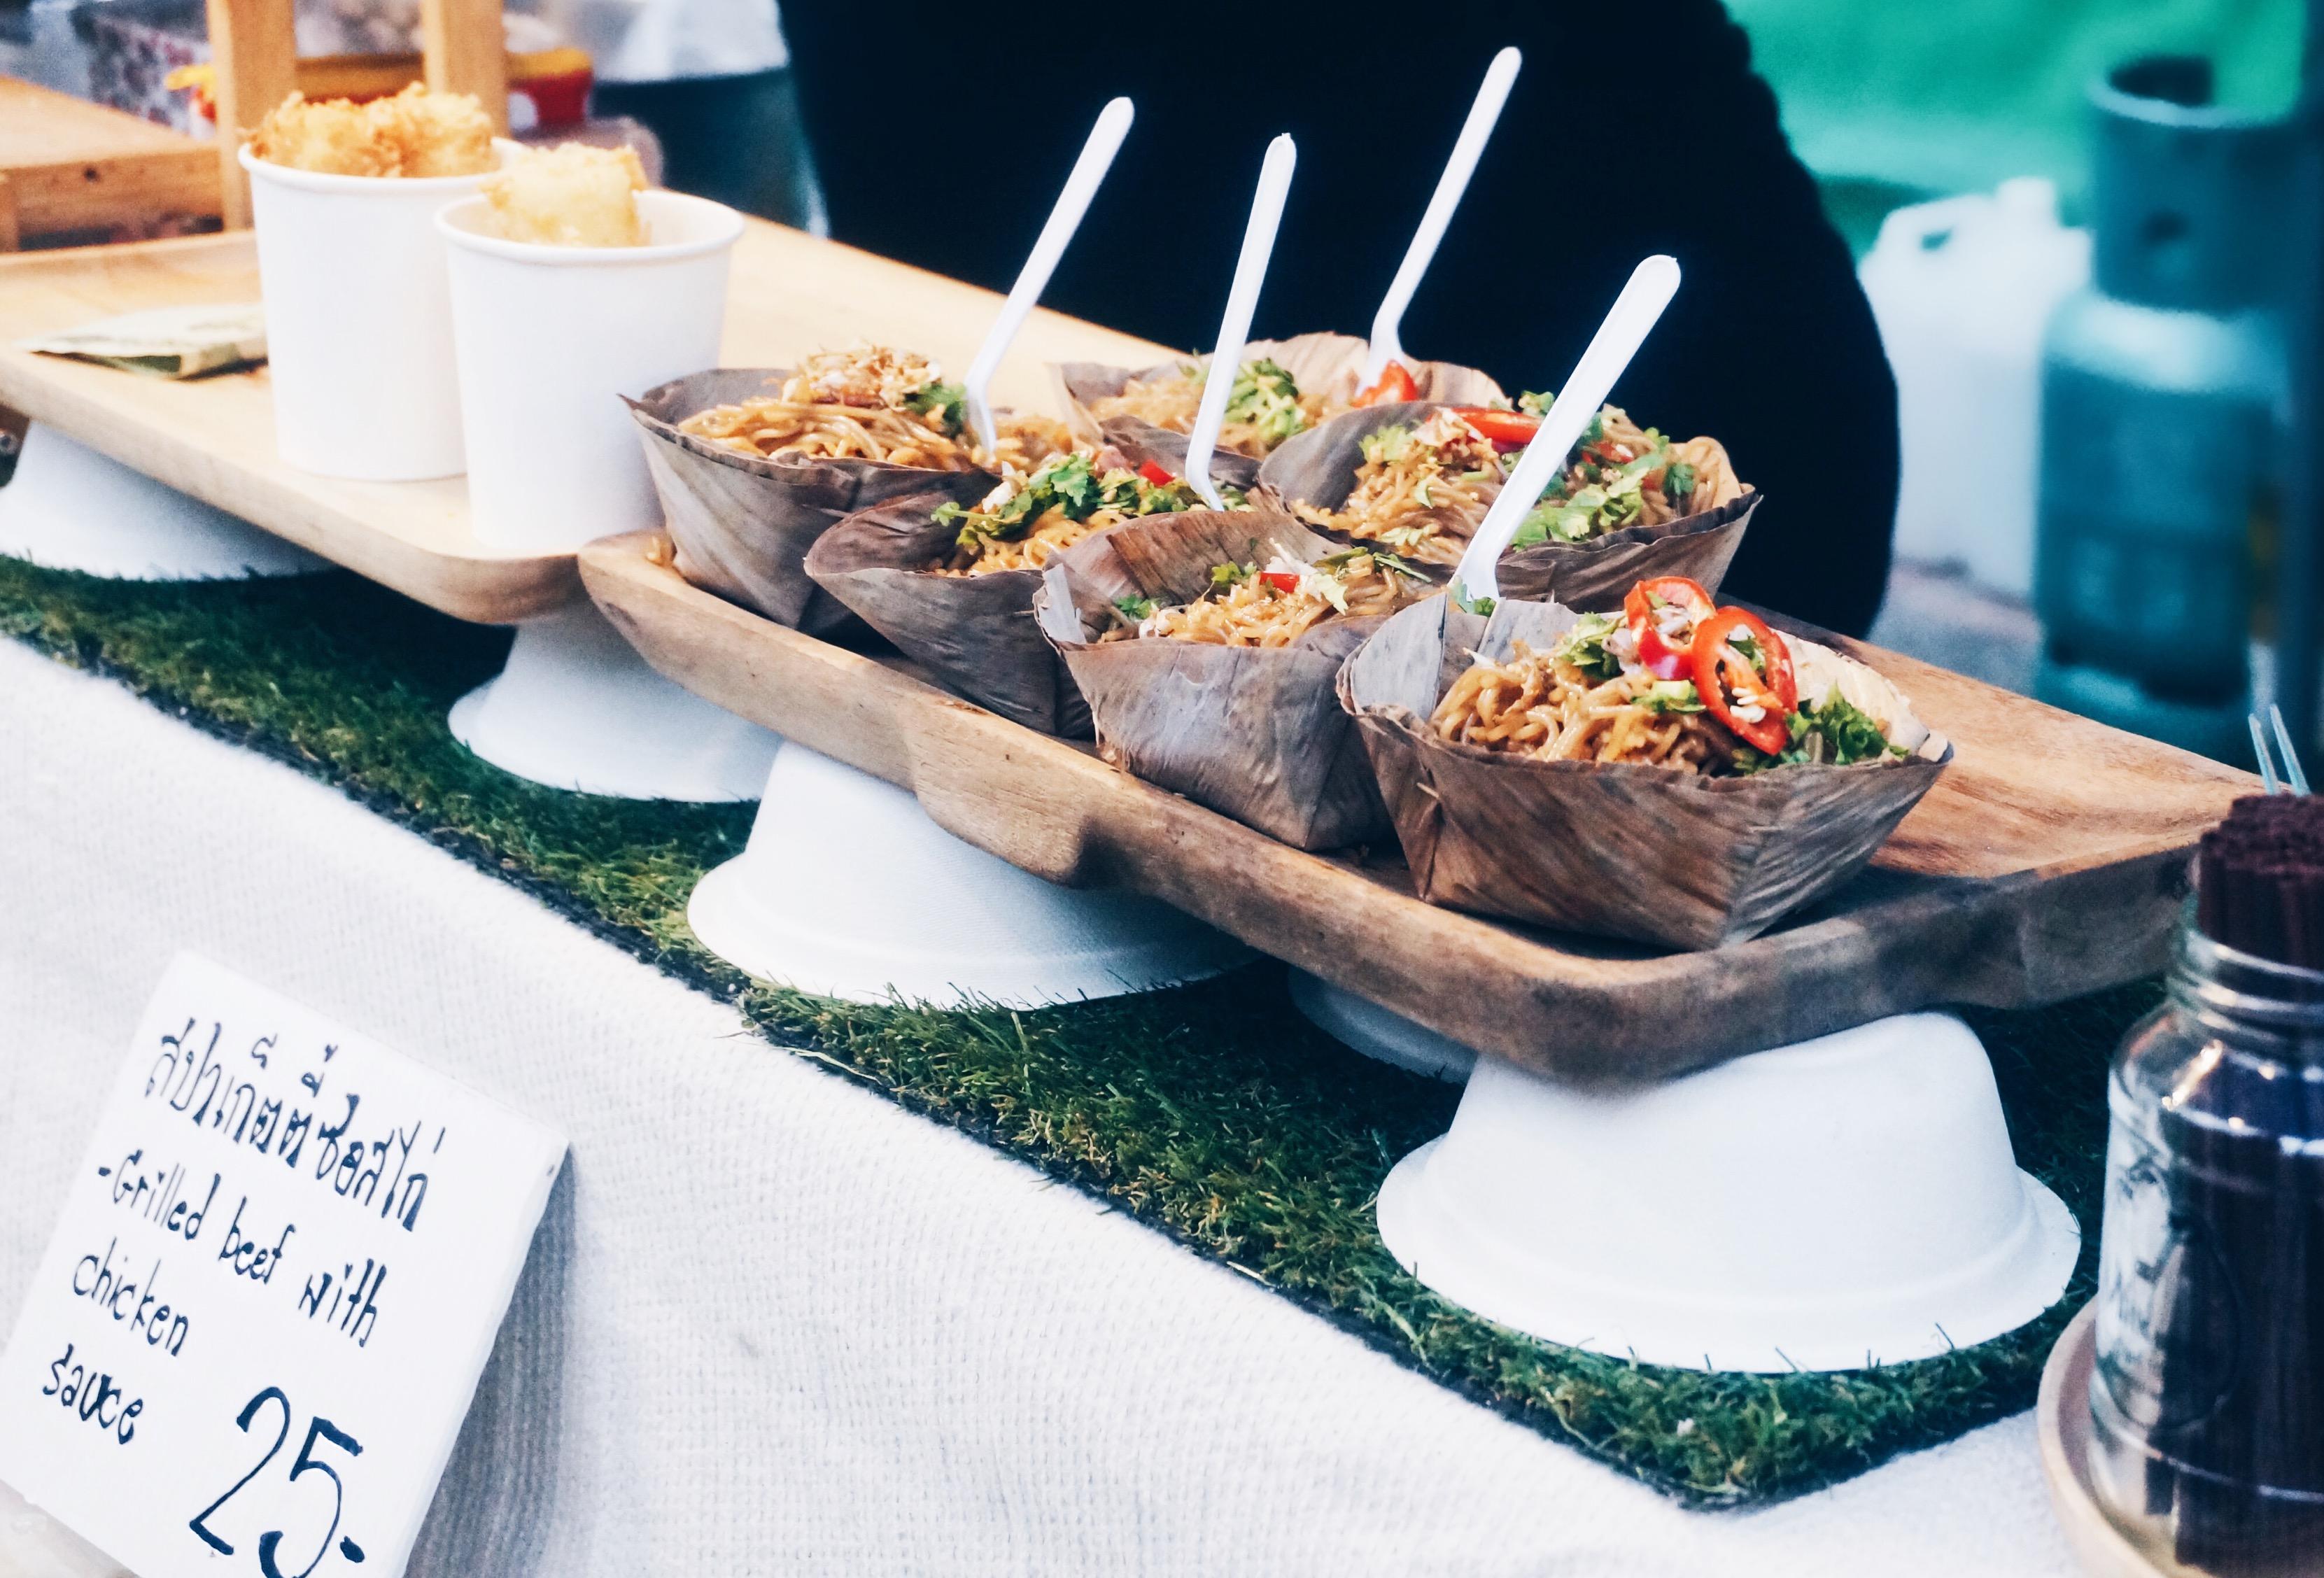 traditionelles thailändisches Essen auf dem Markt